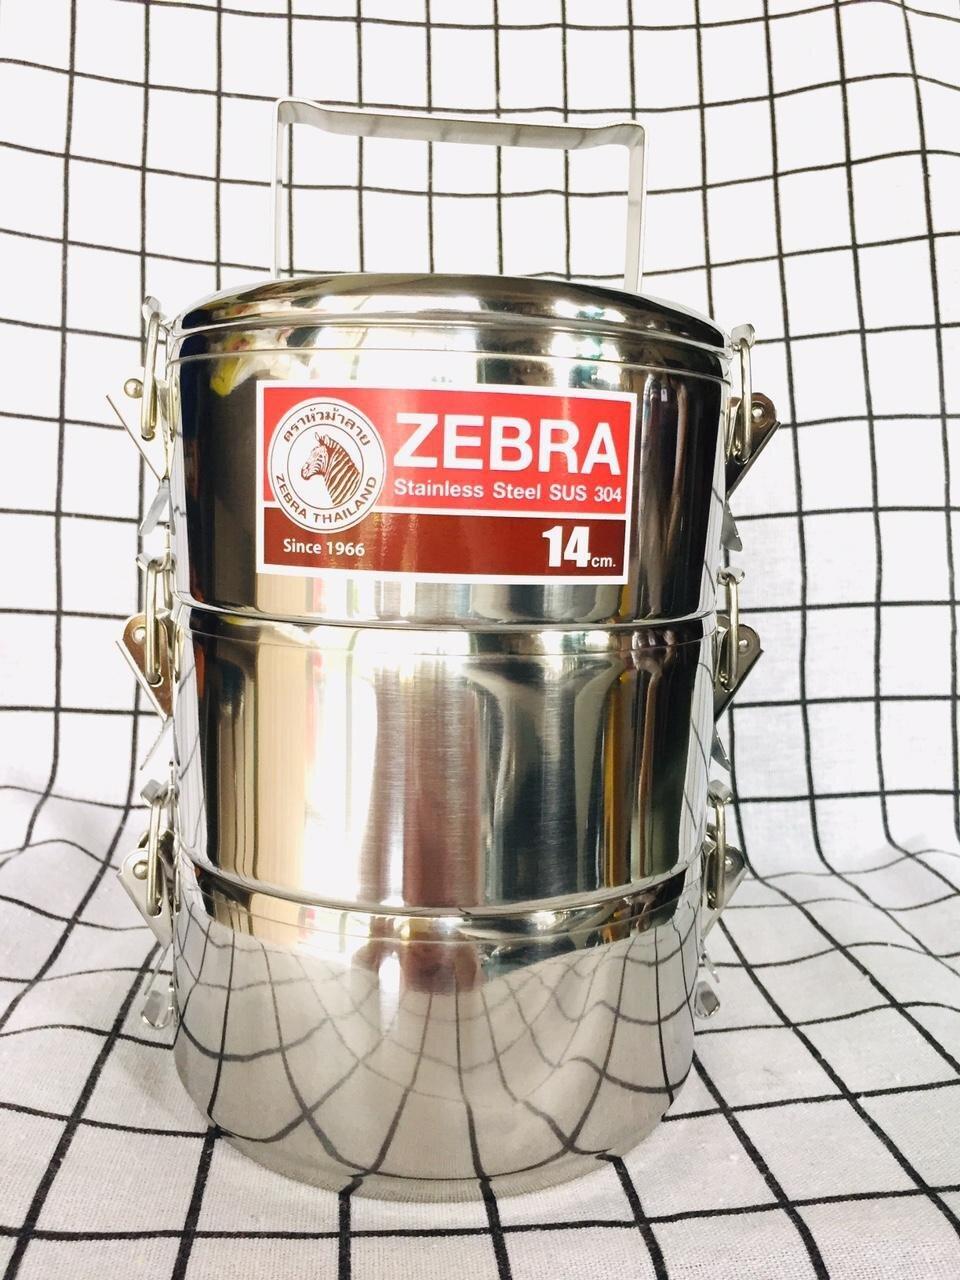 Cặp lồng 3 ngăn của Zebra cho bạn khả năng mang được nhiều loại thức ăn hơn